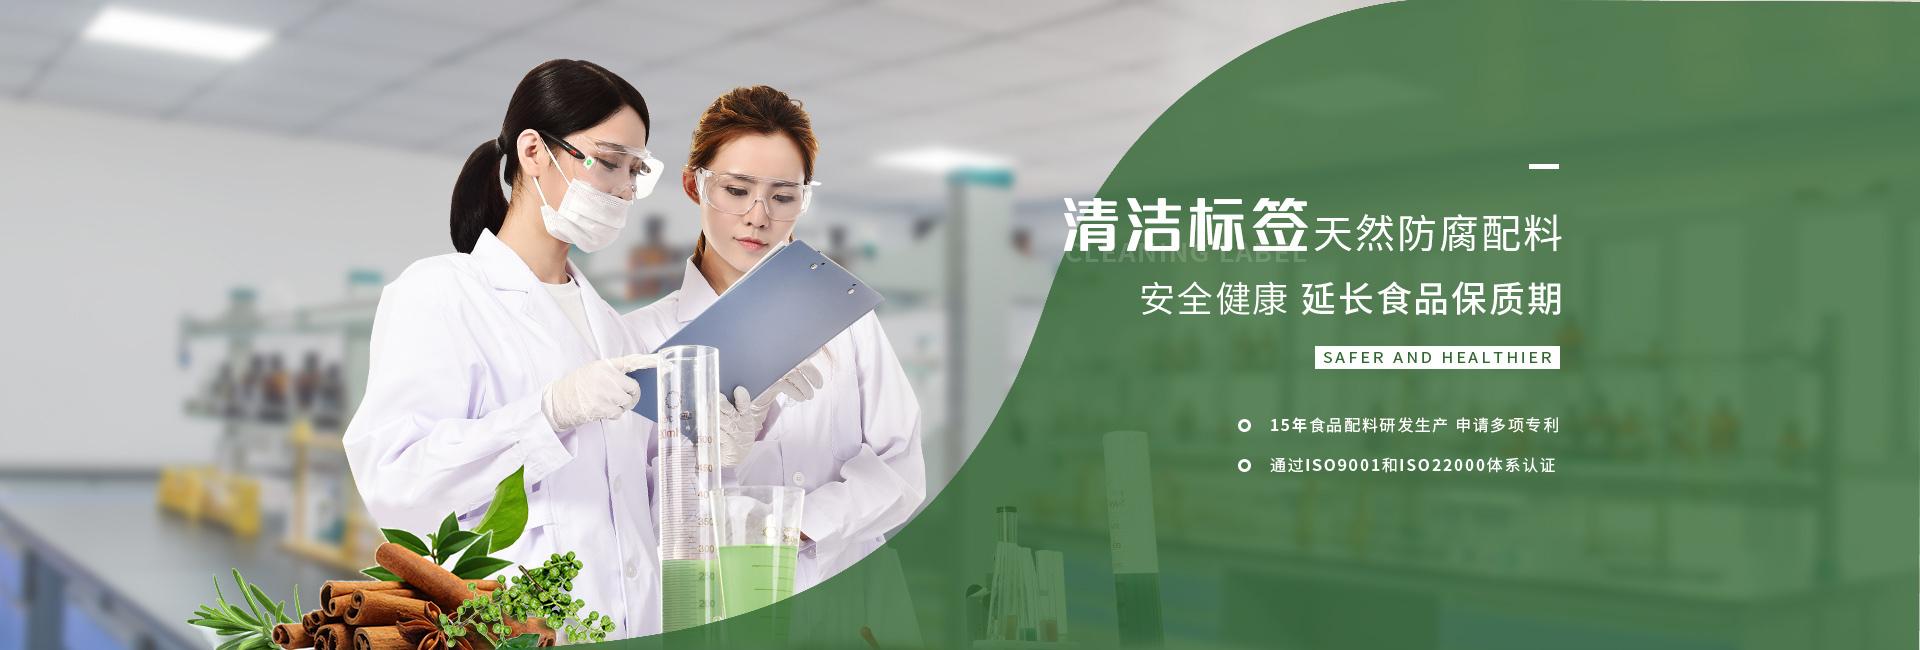 倍特尔清洁标签天然防腐配料 安全健康  延长食品保质期